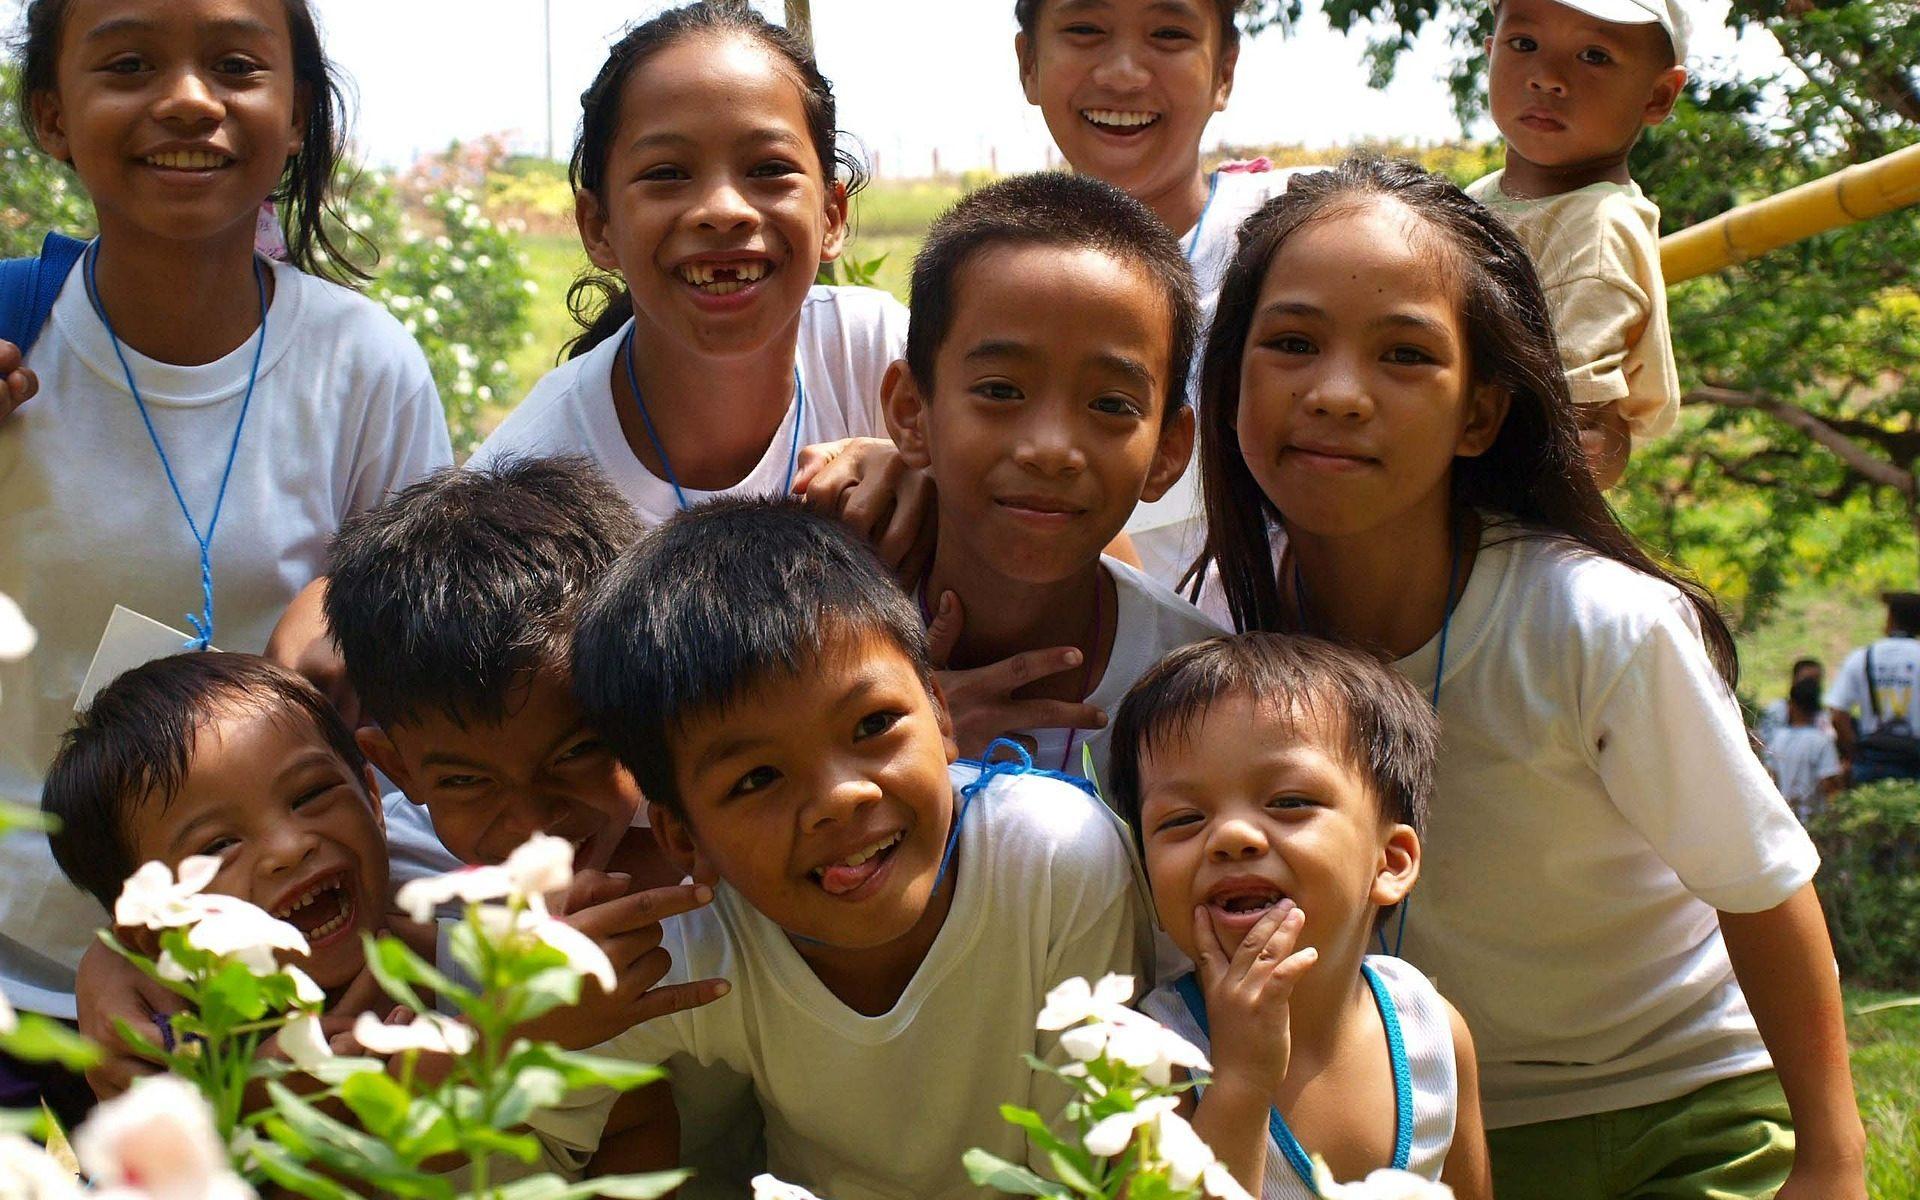 הנאה וערך מוסף 5 סדנאות חינוכיות שאפשר להעביר לילדים